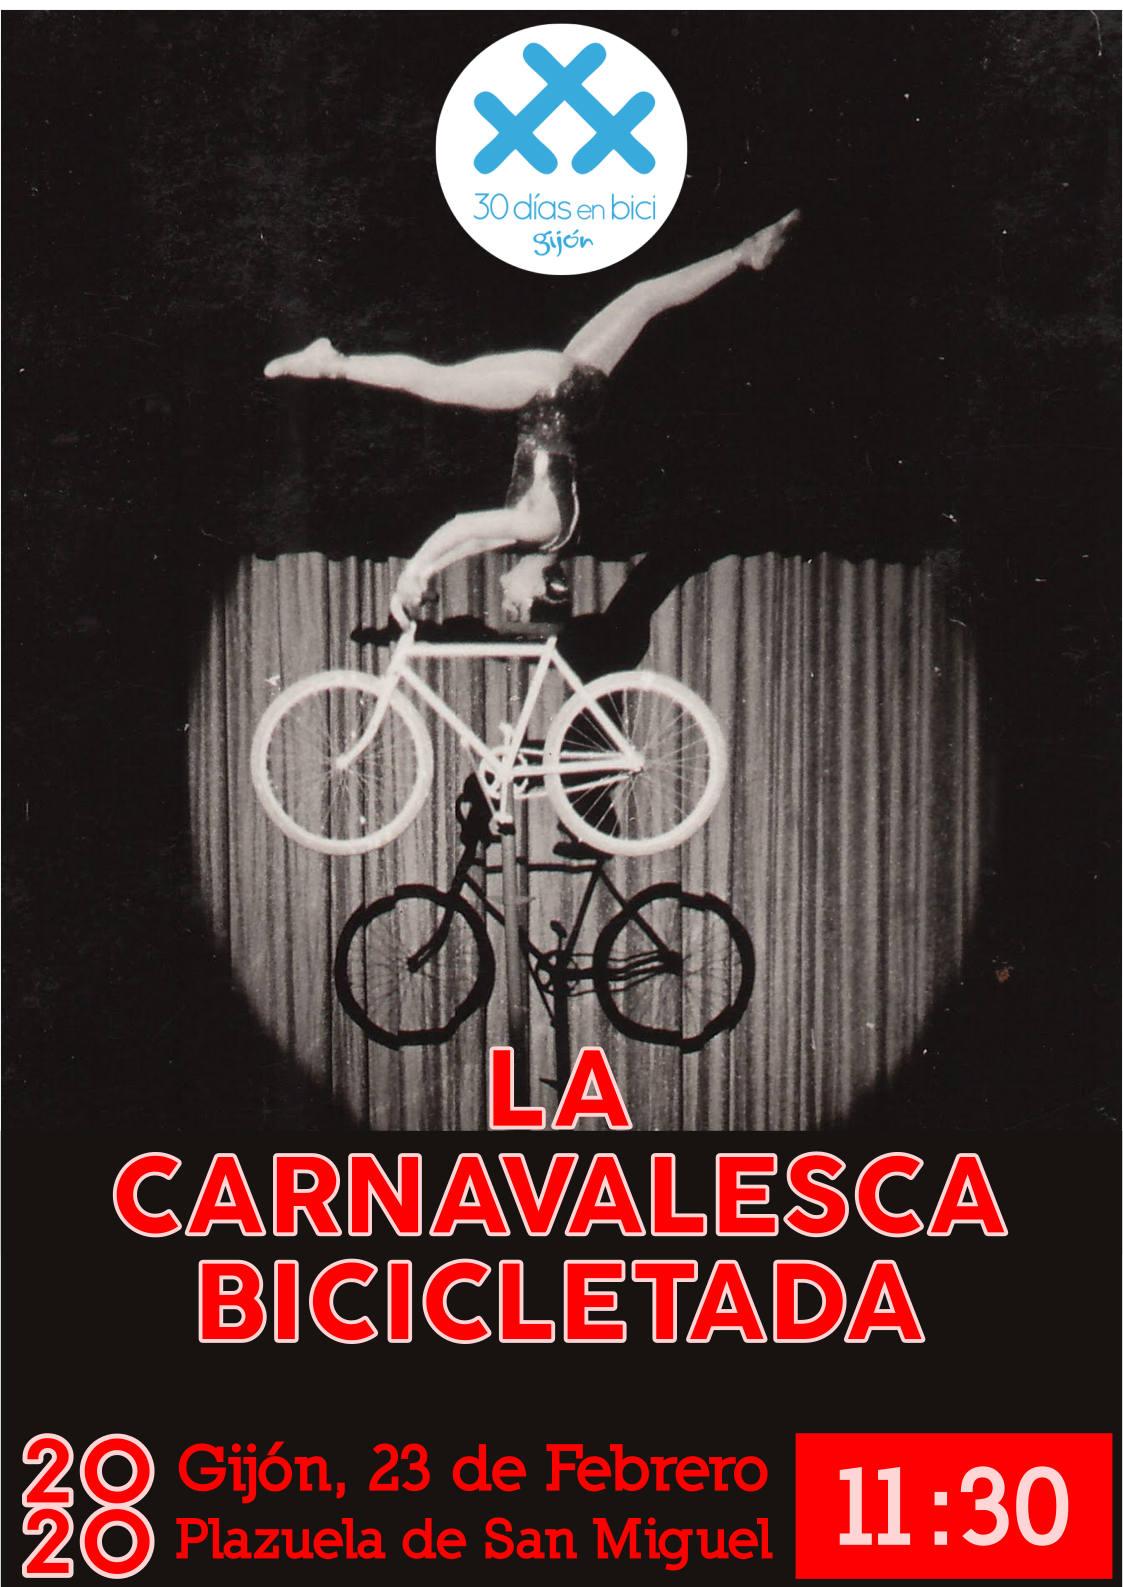 Cartel de La Carnavalesca Bicicletada 30DEB 2020 - 30 Días en Bici